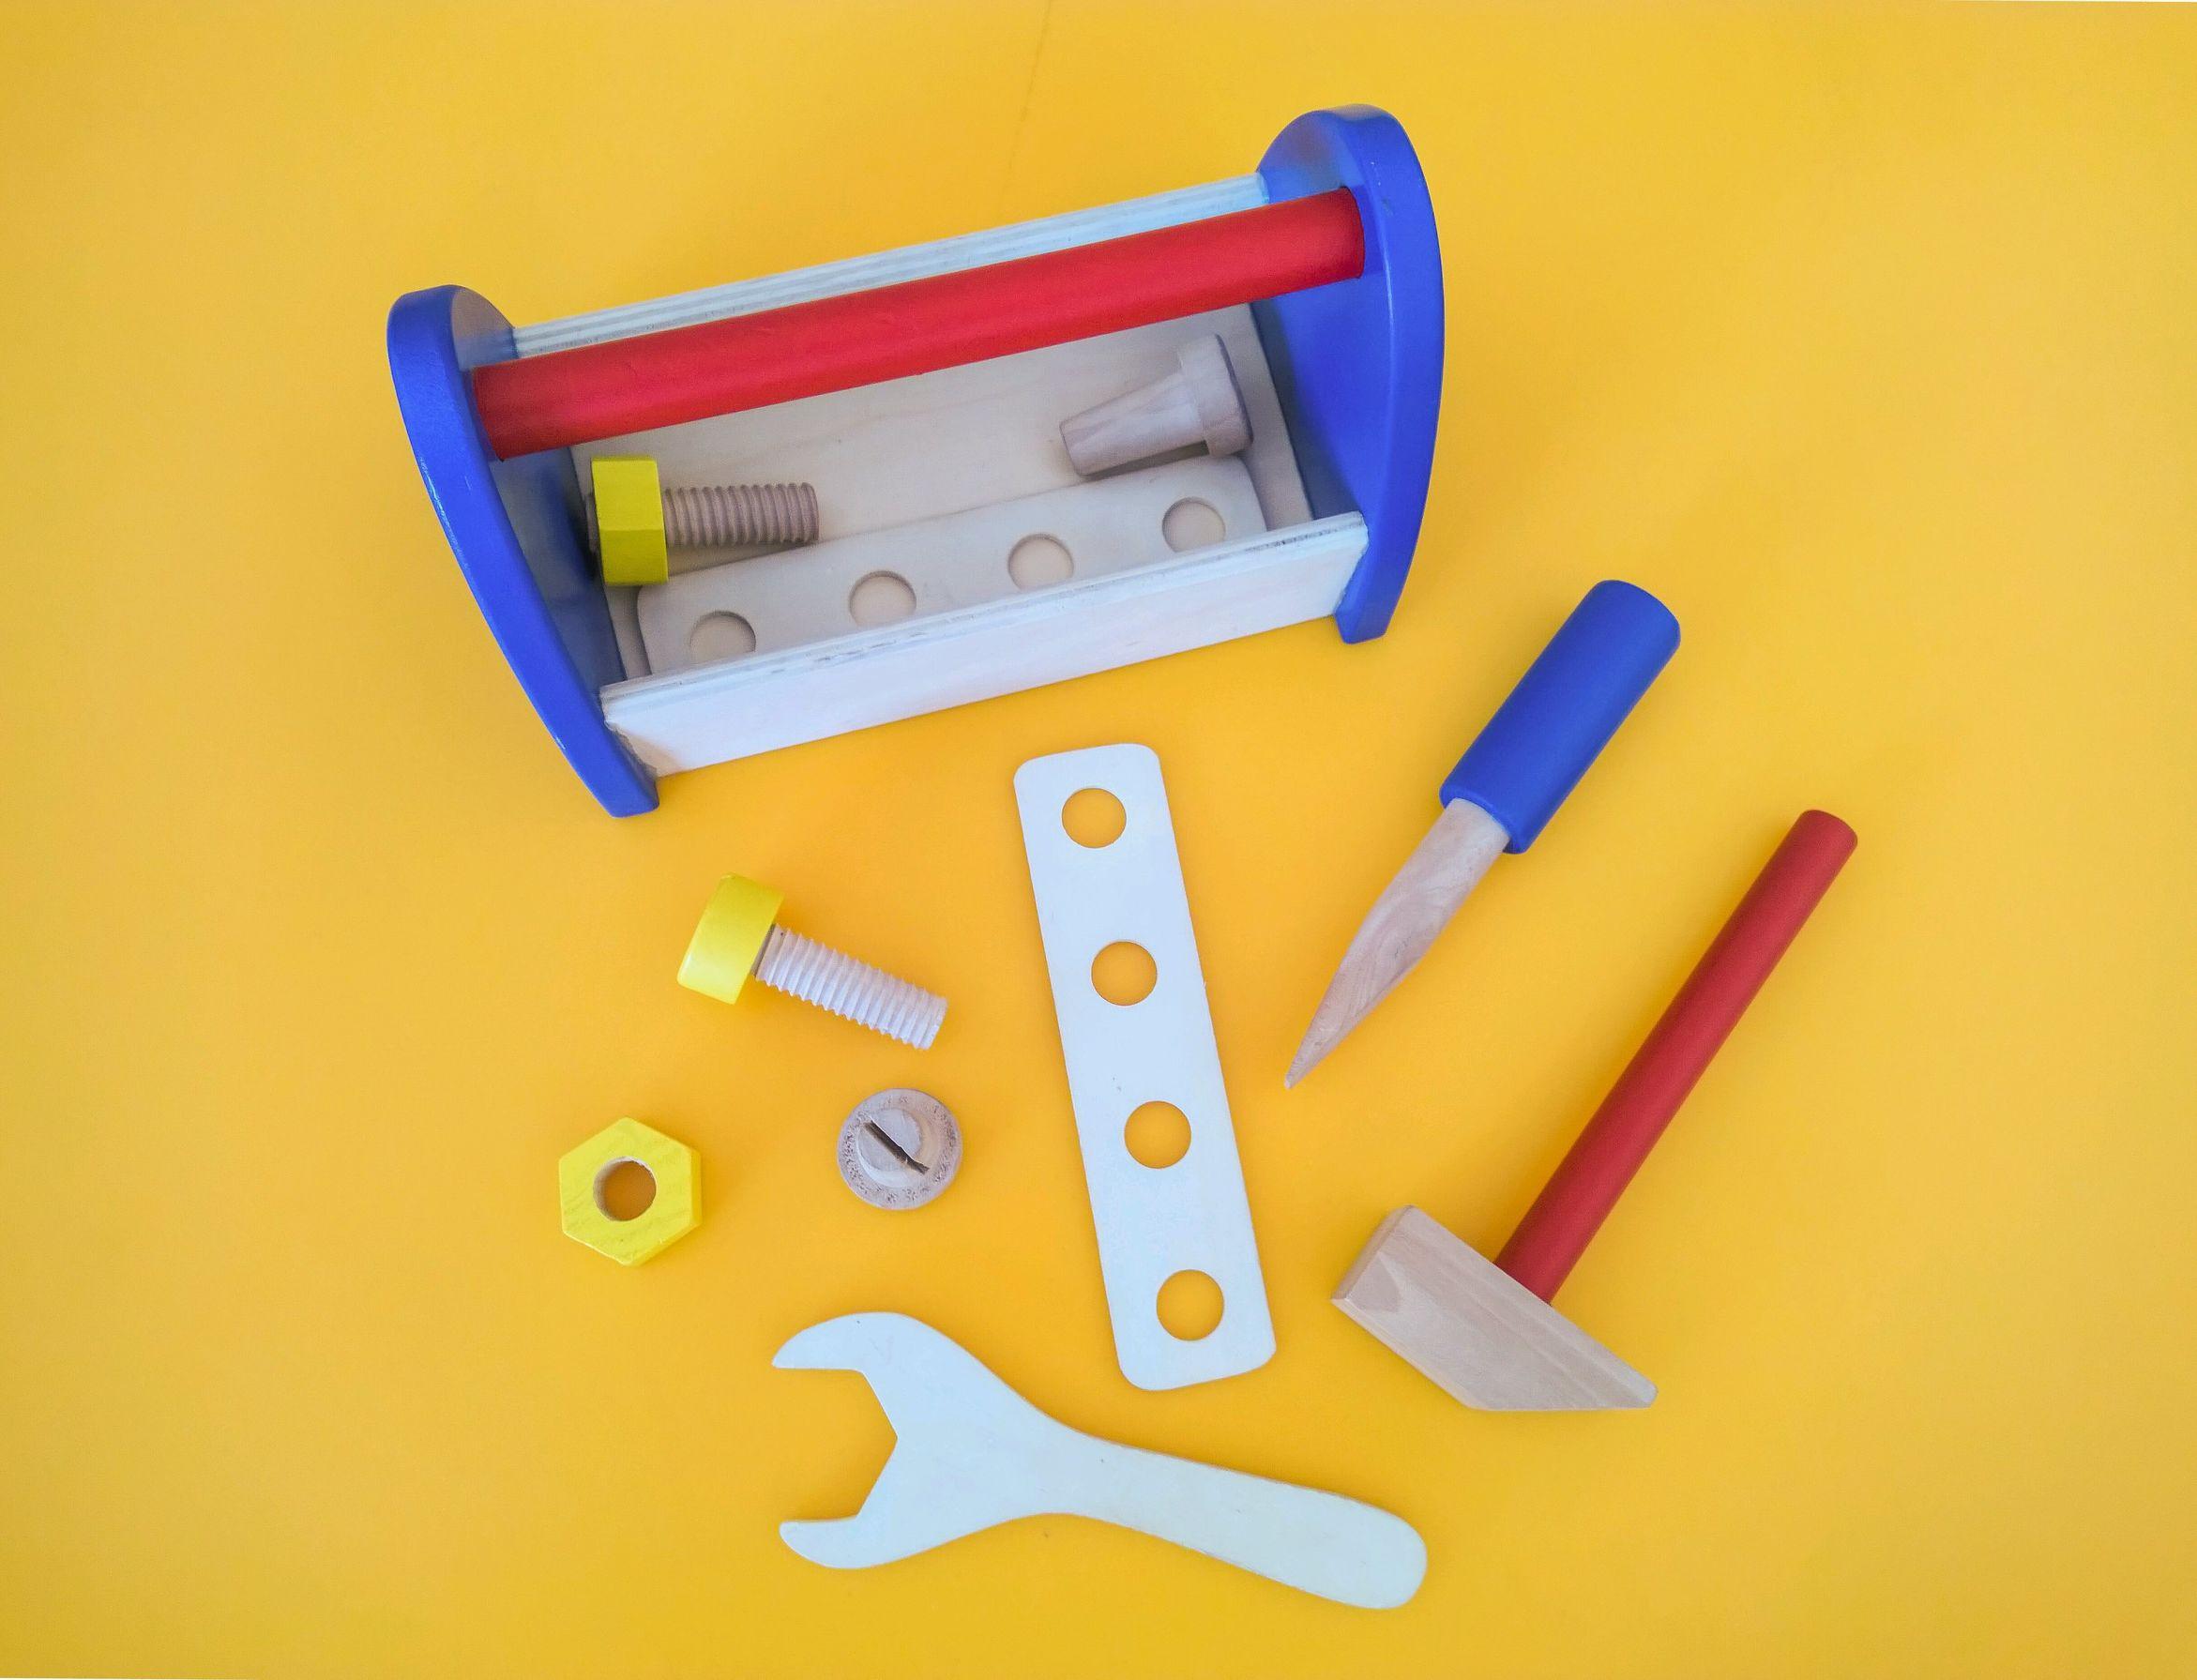 Bosch Kinderwerkbank: Test & Empfehlungen (01/20)